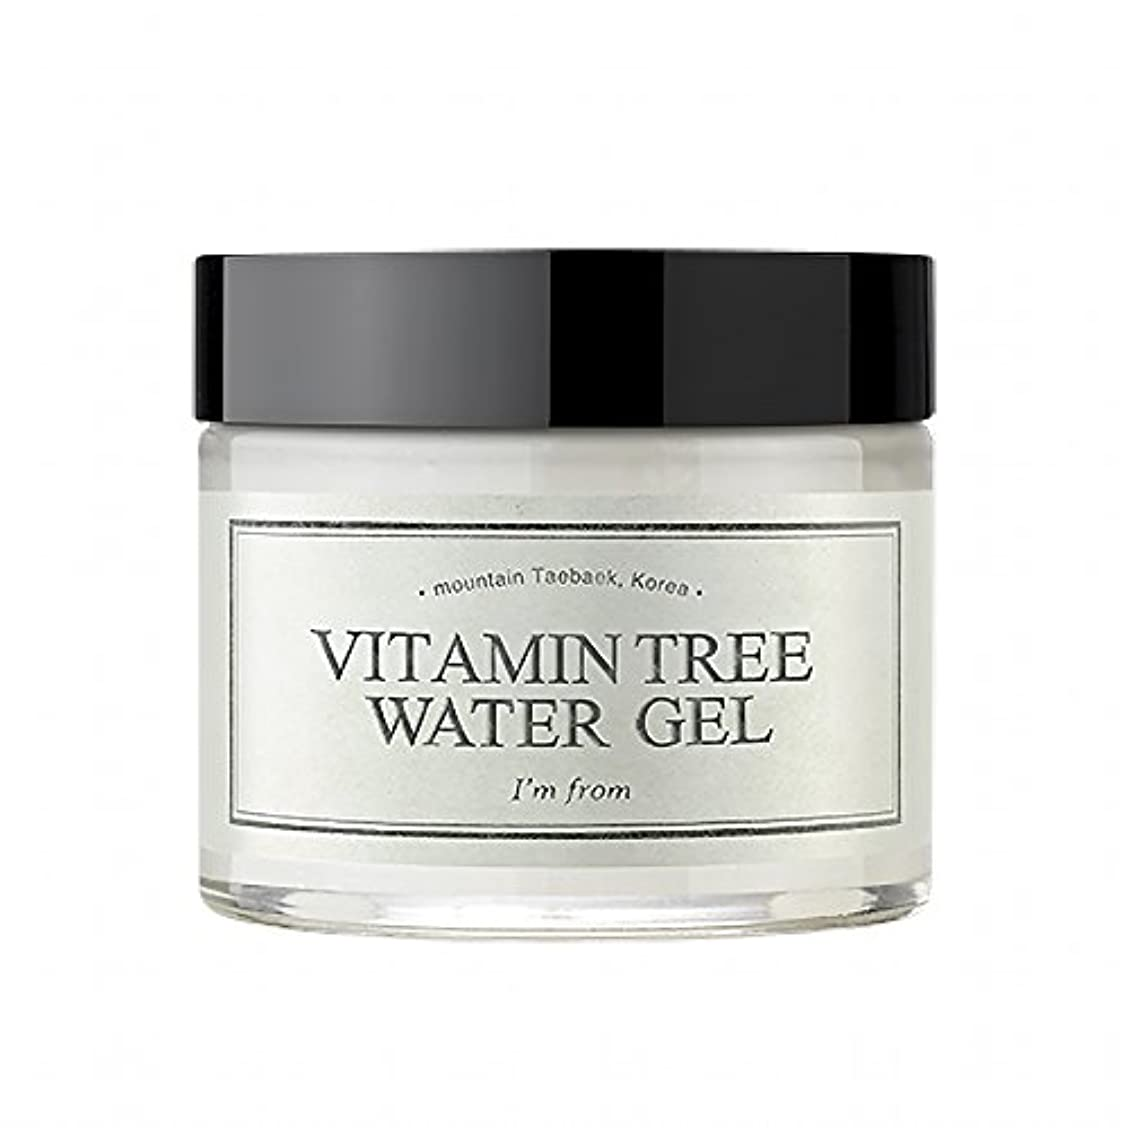 知覚もっともらしいアカデミー[I'M FROM] Vitamin Tree Watergel [並行輸入品]